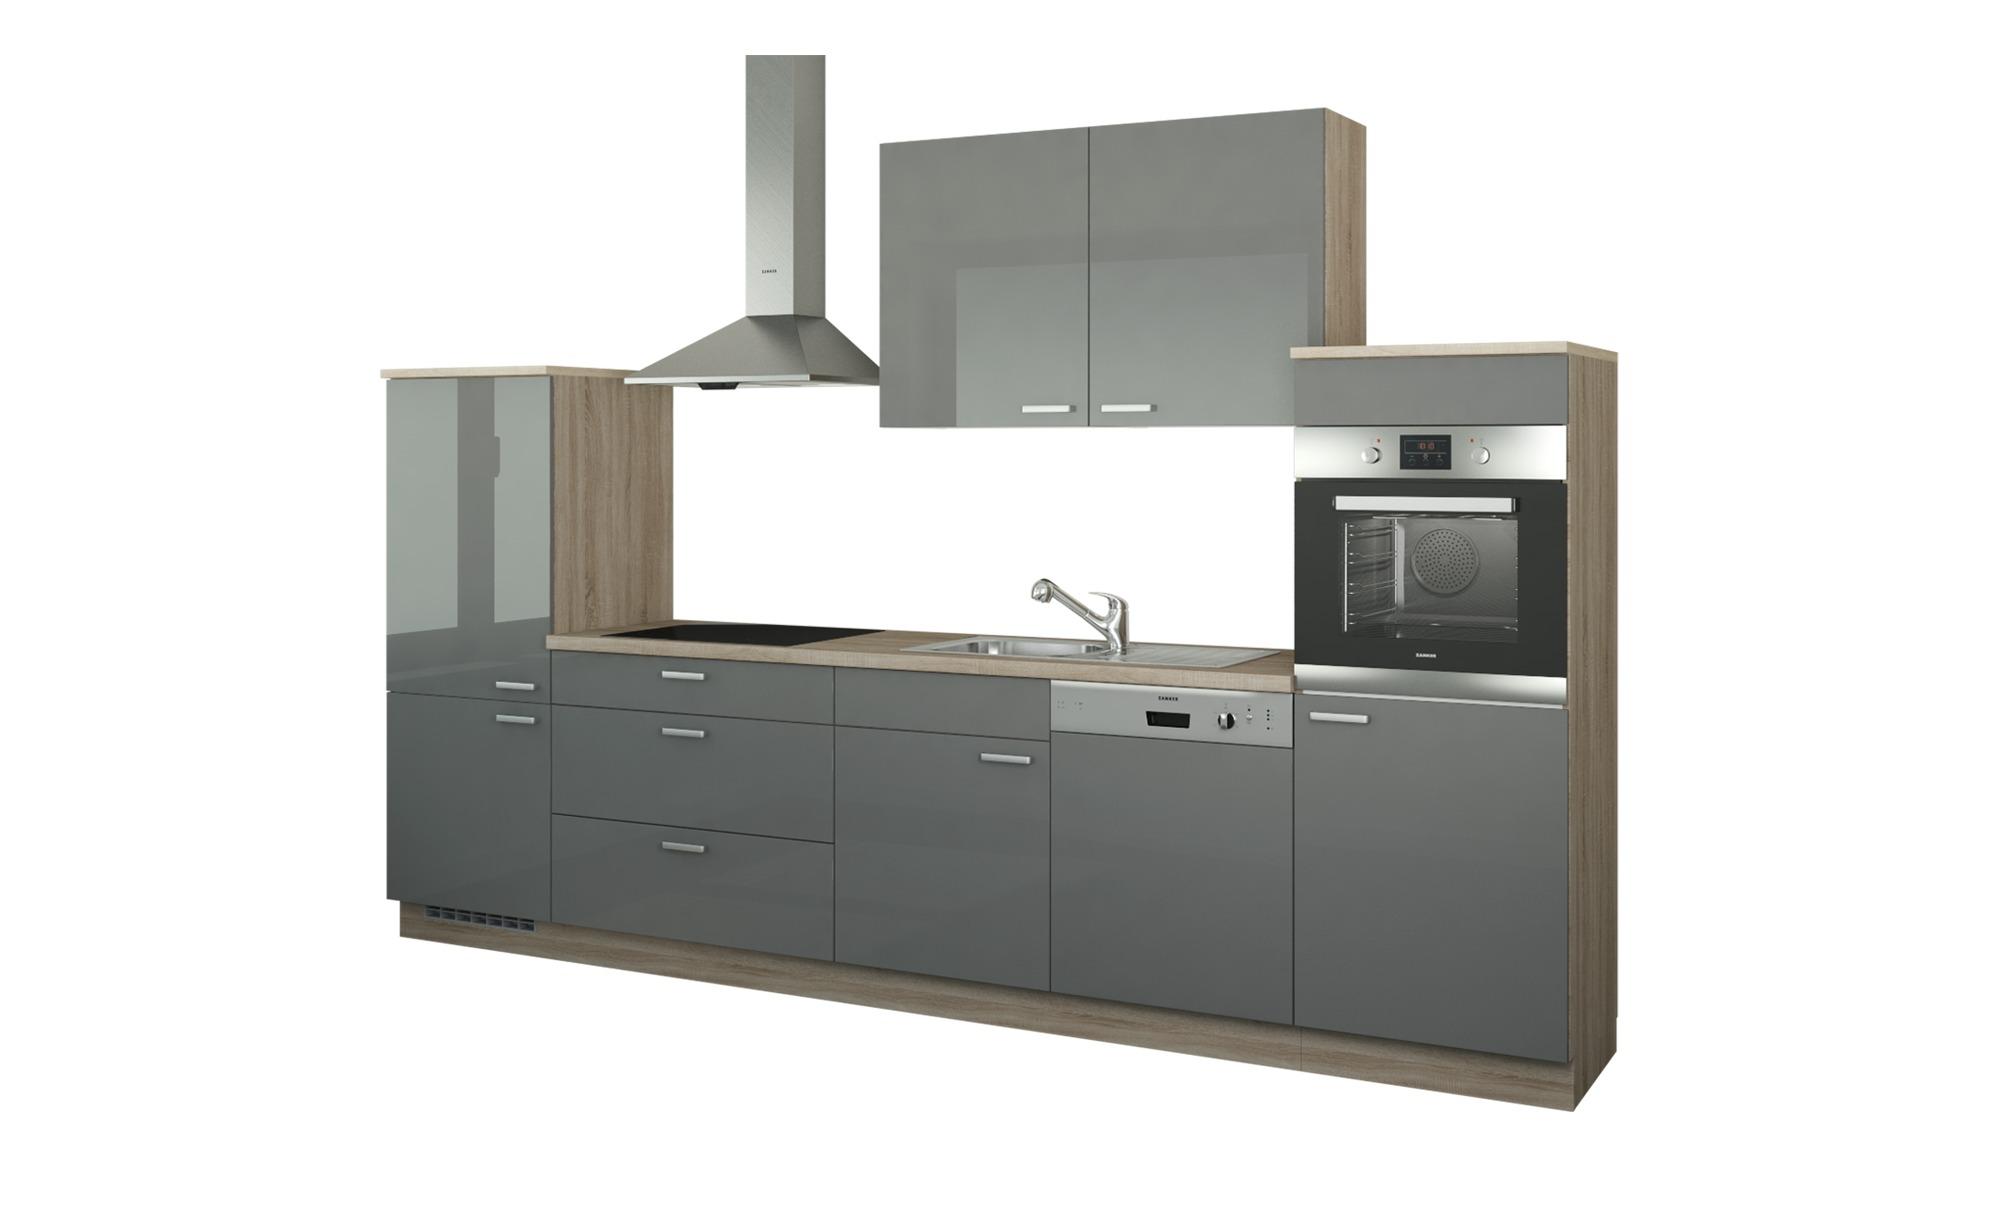 Küchenzeile ohne Elektrogeräte  Neuss ¦ Maße (cm): B: 330 Küchen > Küchenblöcke ohne E-Geräte - Höffner | Küche und Esszimmer > Küchen > Küchenzeilen | Möbel Höffner DE